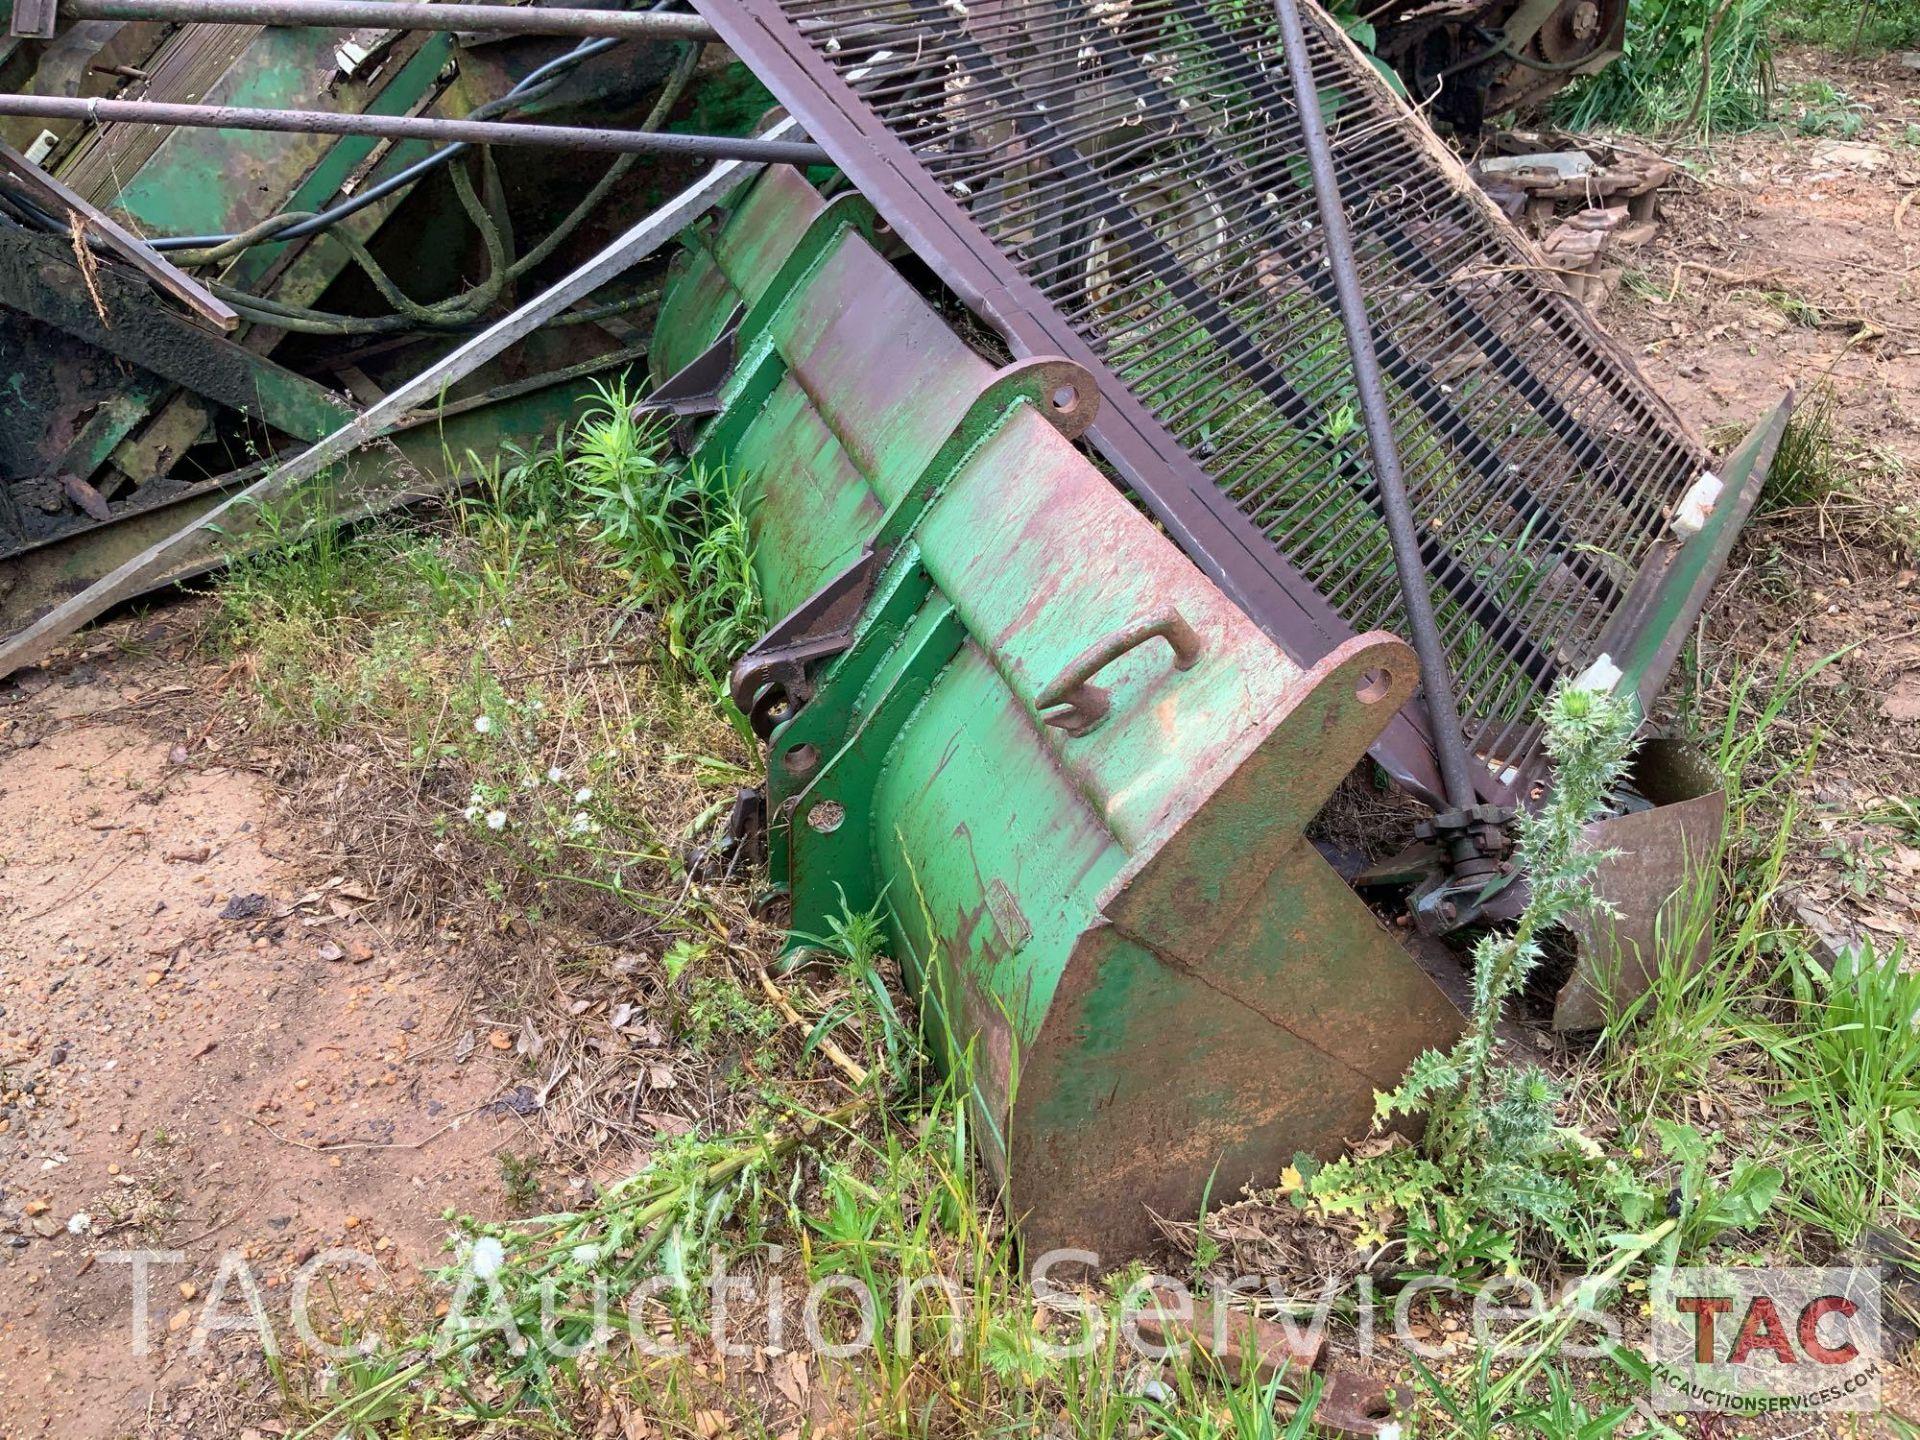 John Deere 4440 Tractor - Image 25 of 31